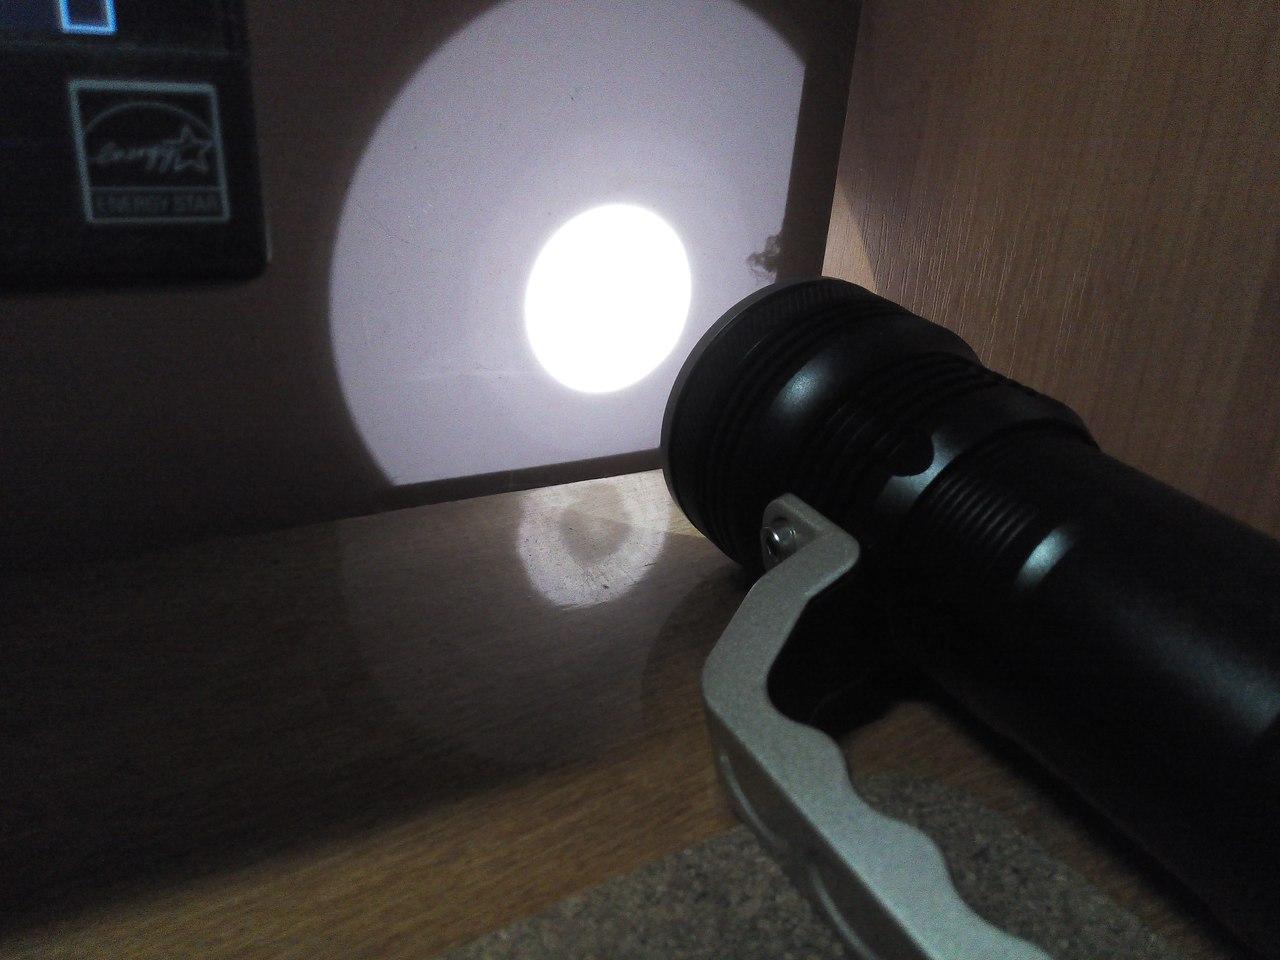 Другие - Китай: Дальнобойный фонарь от Romisen со всем нужным комплектом